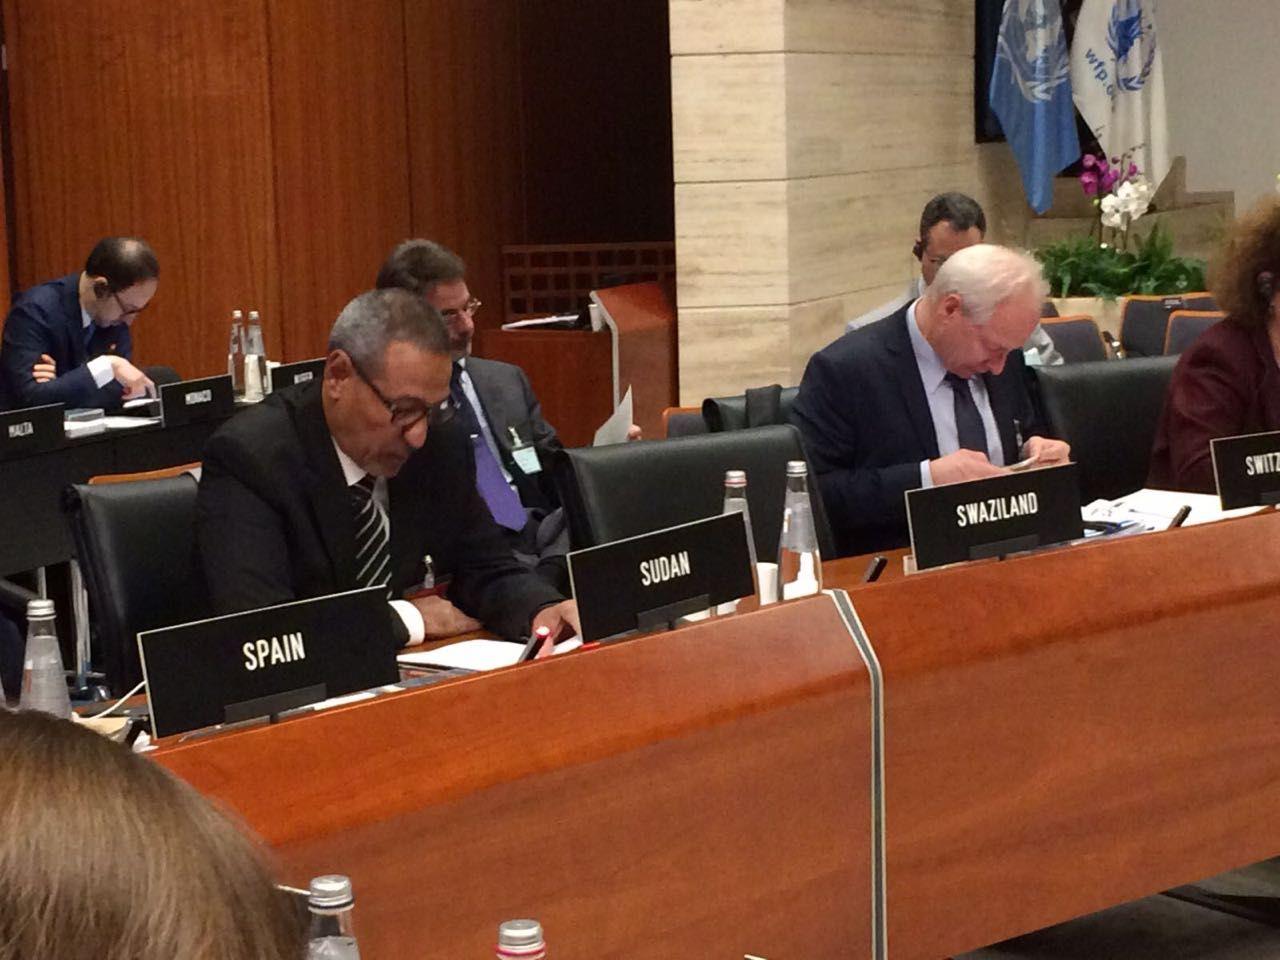 مفوض العون الإنساني يخاطب إجتماع المجلس التنفيذي لبرنامج الغذاء العالمي